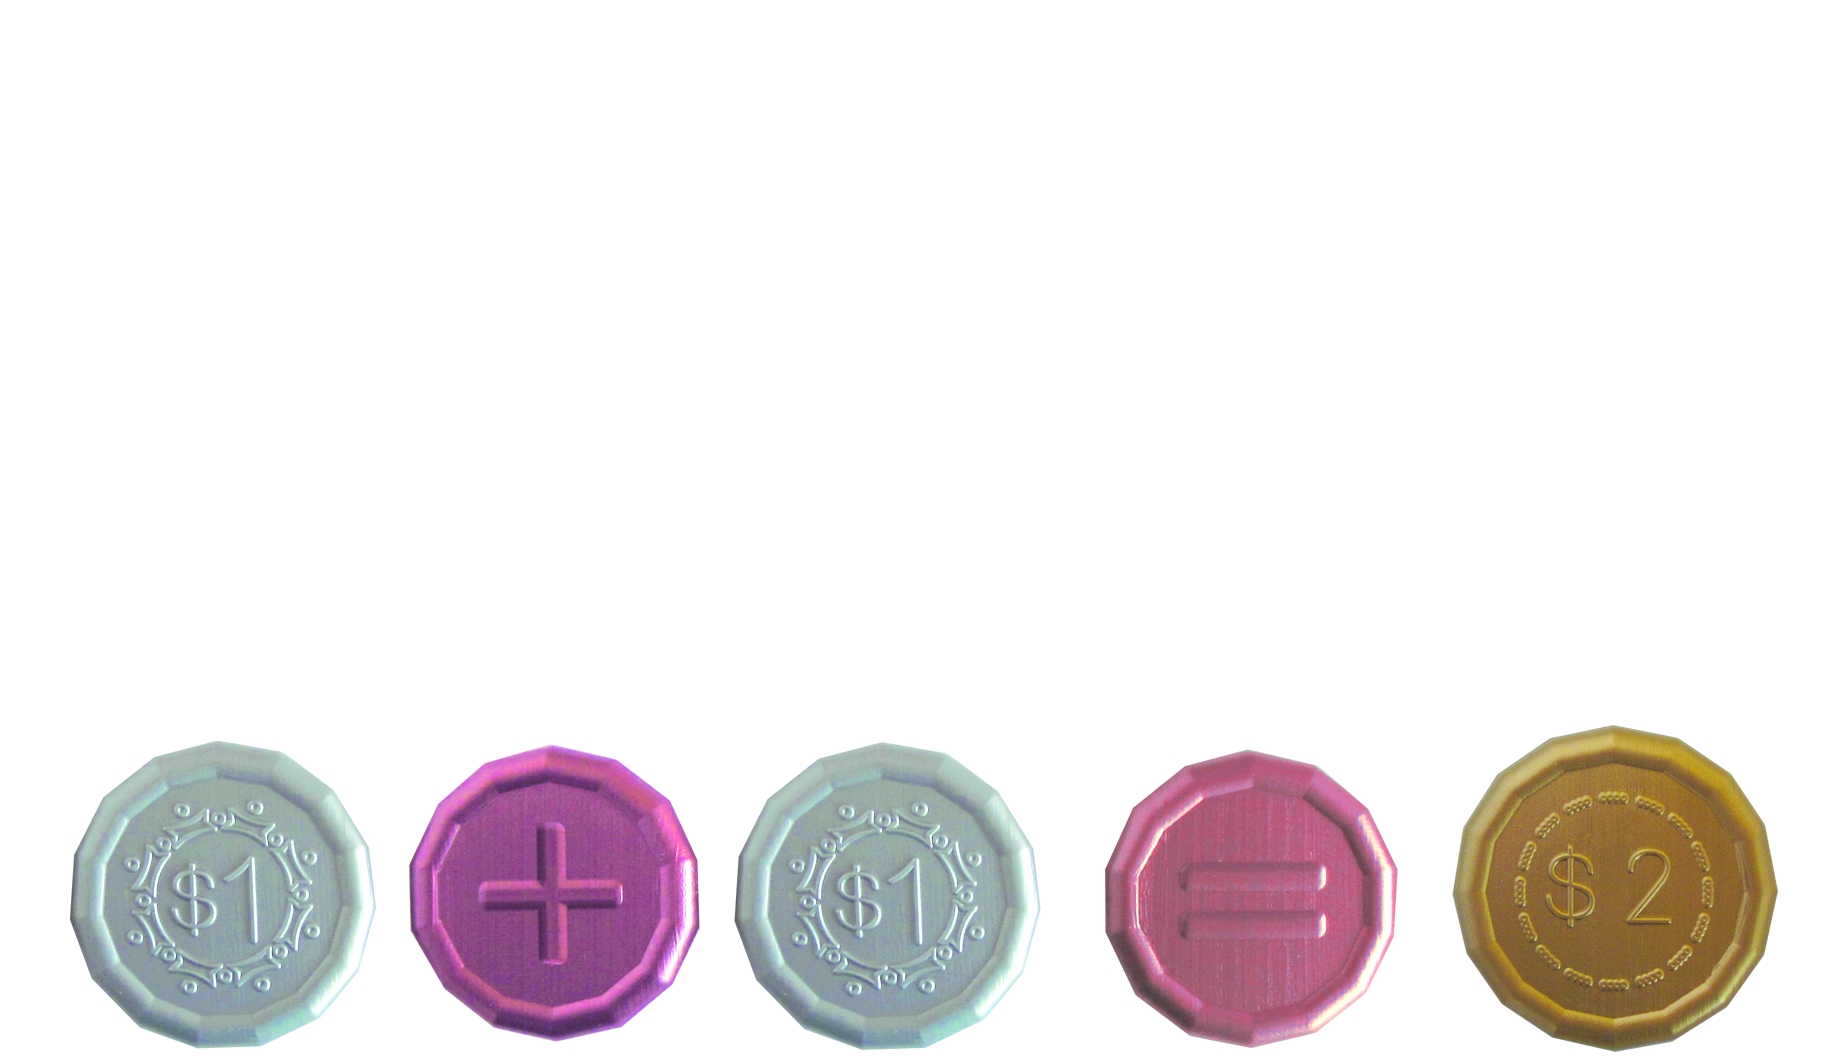 2145 Monedas Sopladas